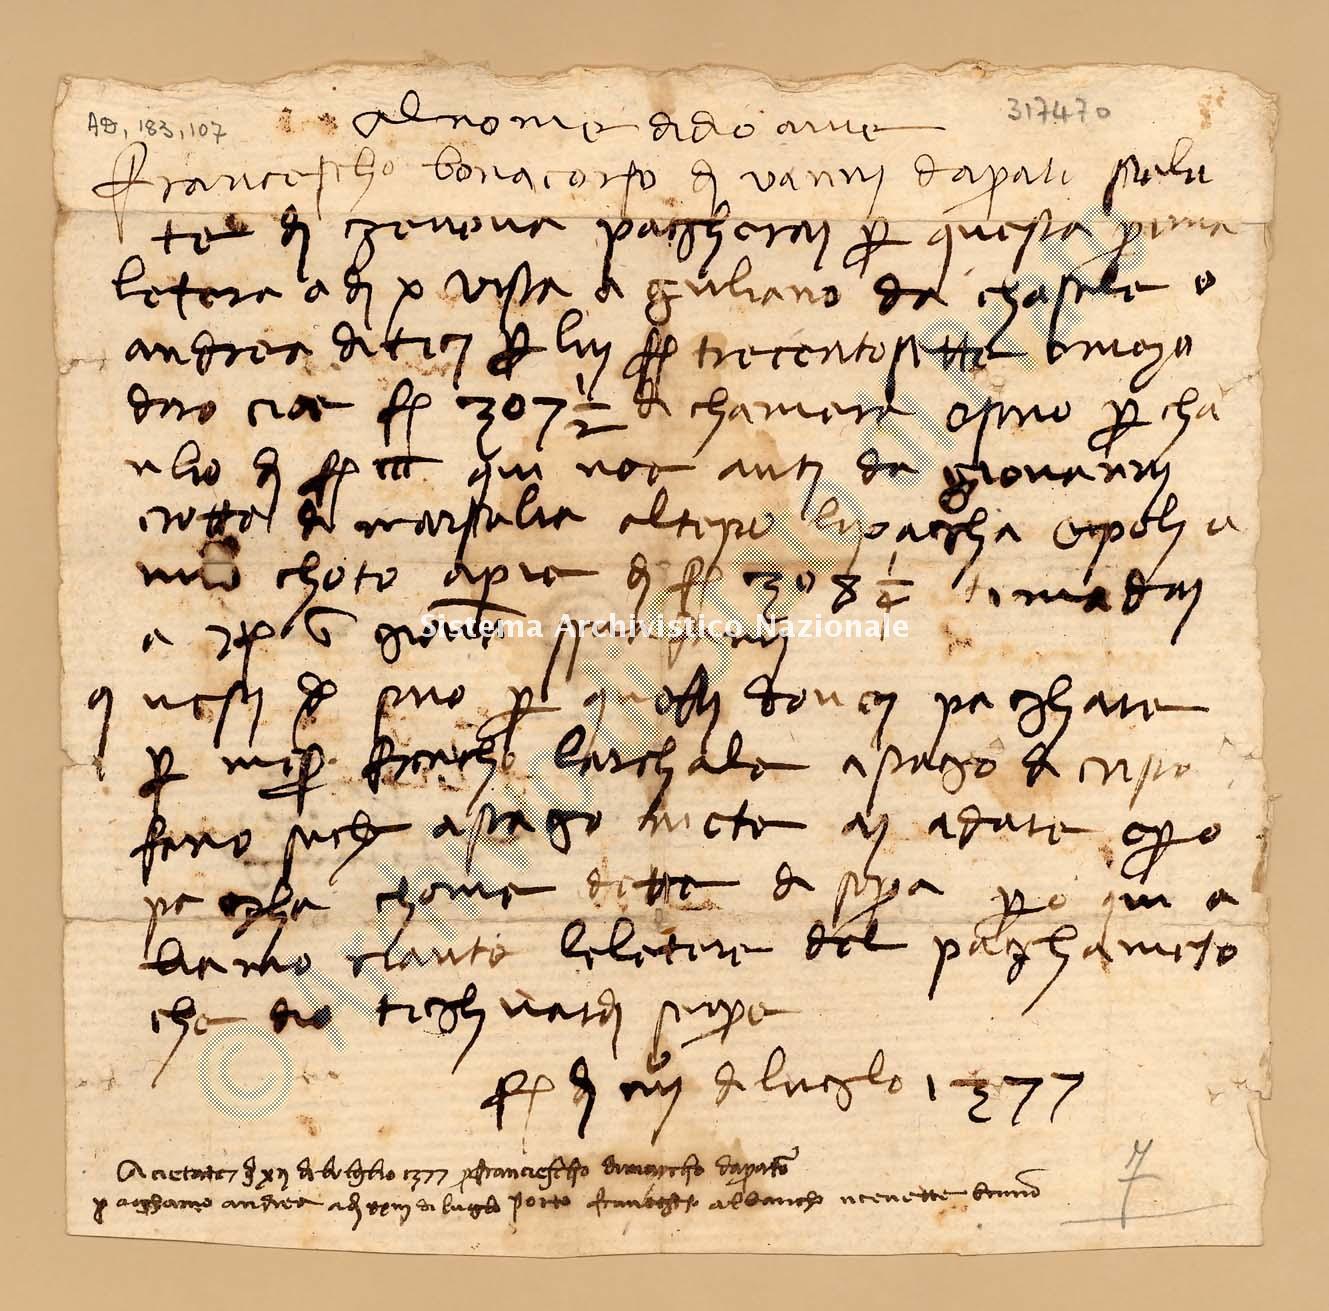 Archivio di Stato di Prato, Fondo Datini, Carteggio specializzato, Lettere di cambio, Fondaco di Avignone, Proveniente Da Genova (busta 1142, inserto 73, codice 317470)